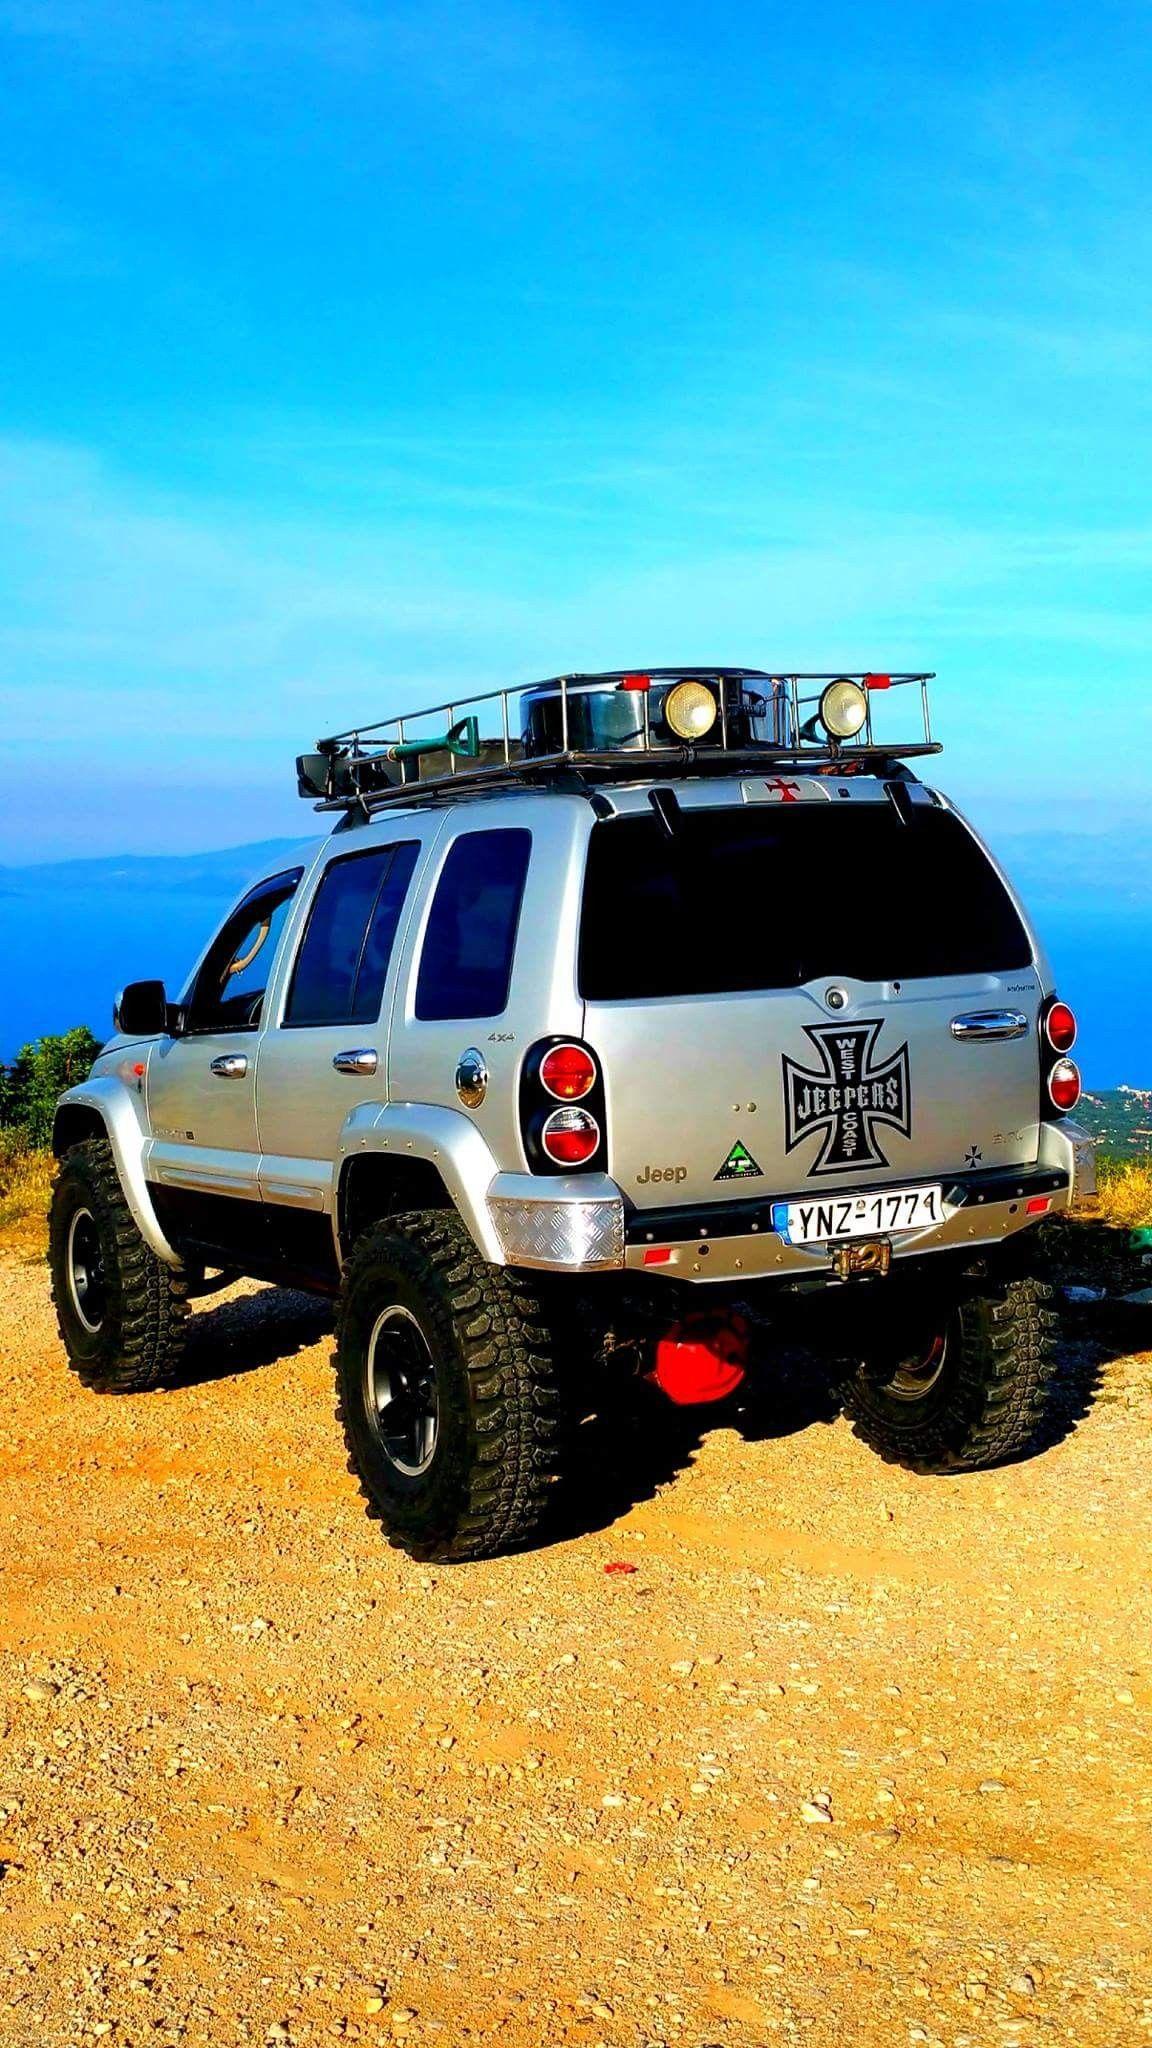 Jeep Liberty, Jeep Cherokee, Jeep Stuff, 2012 Jeep, Jeeps, Offroad, Ford,  Pickup Trucks, Off Road